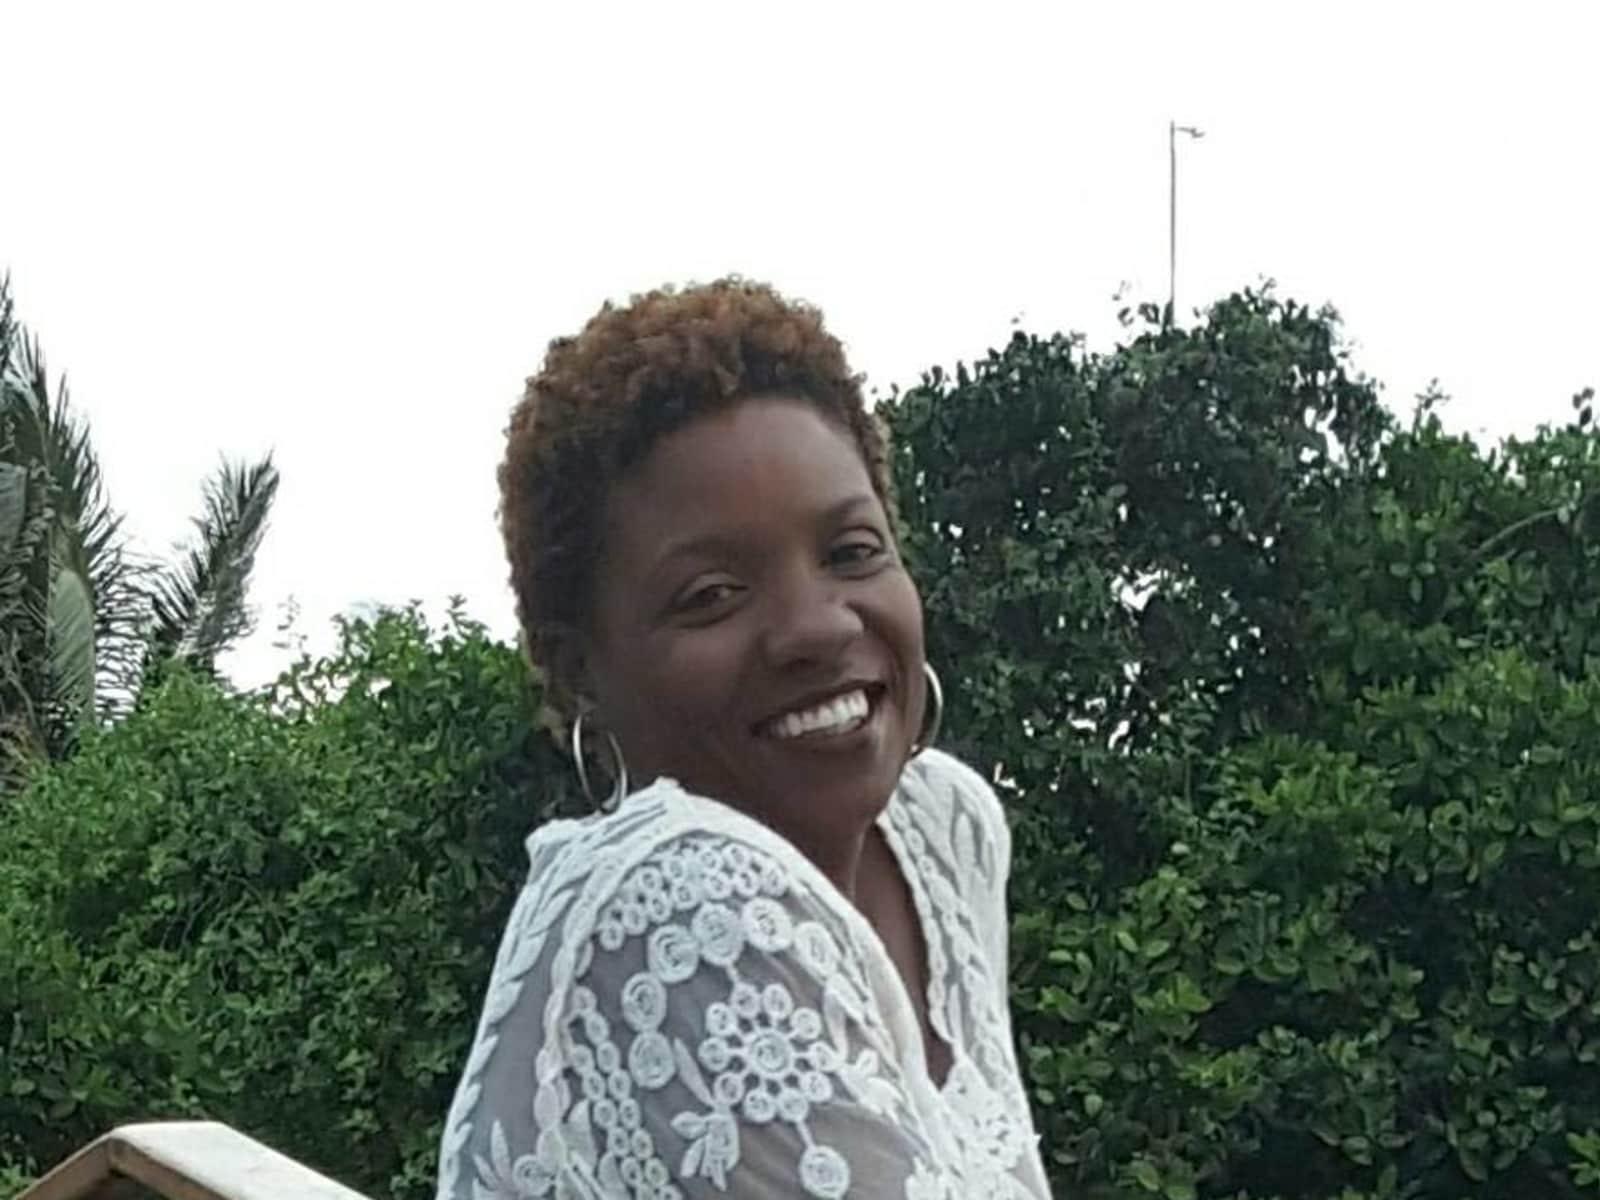 Phedra from Baton Rouge, Louisiana, United States